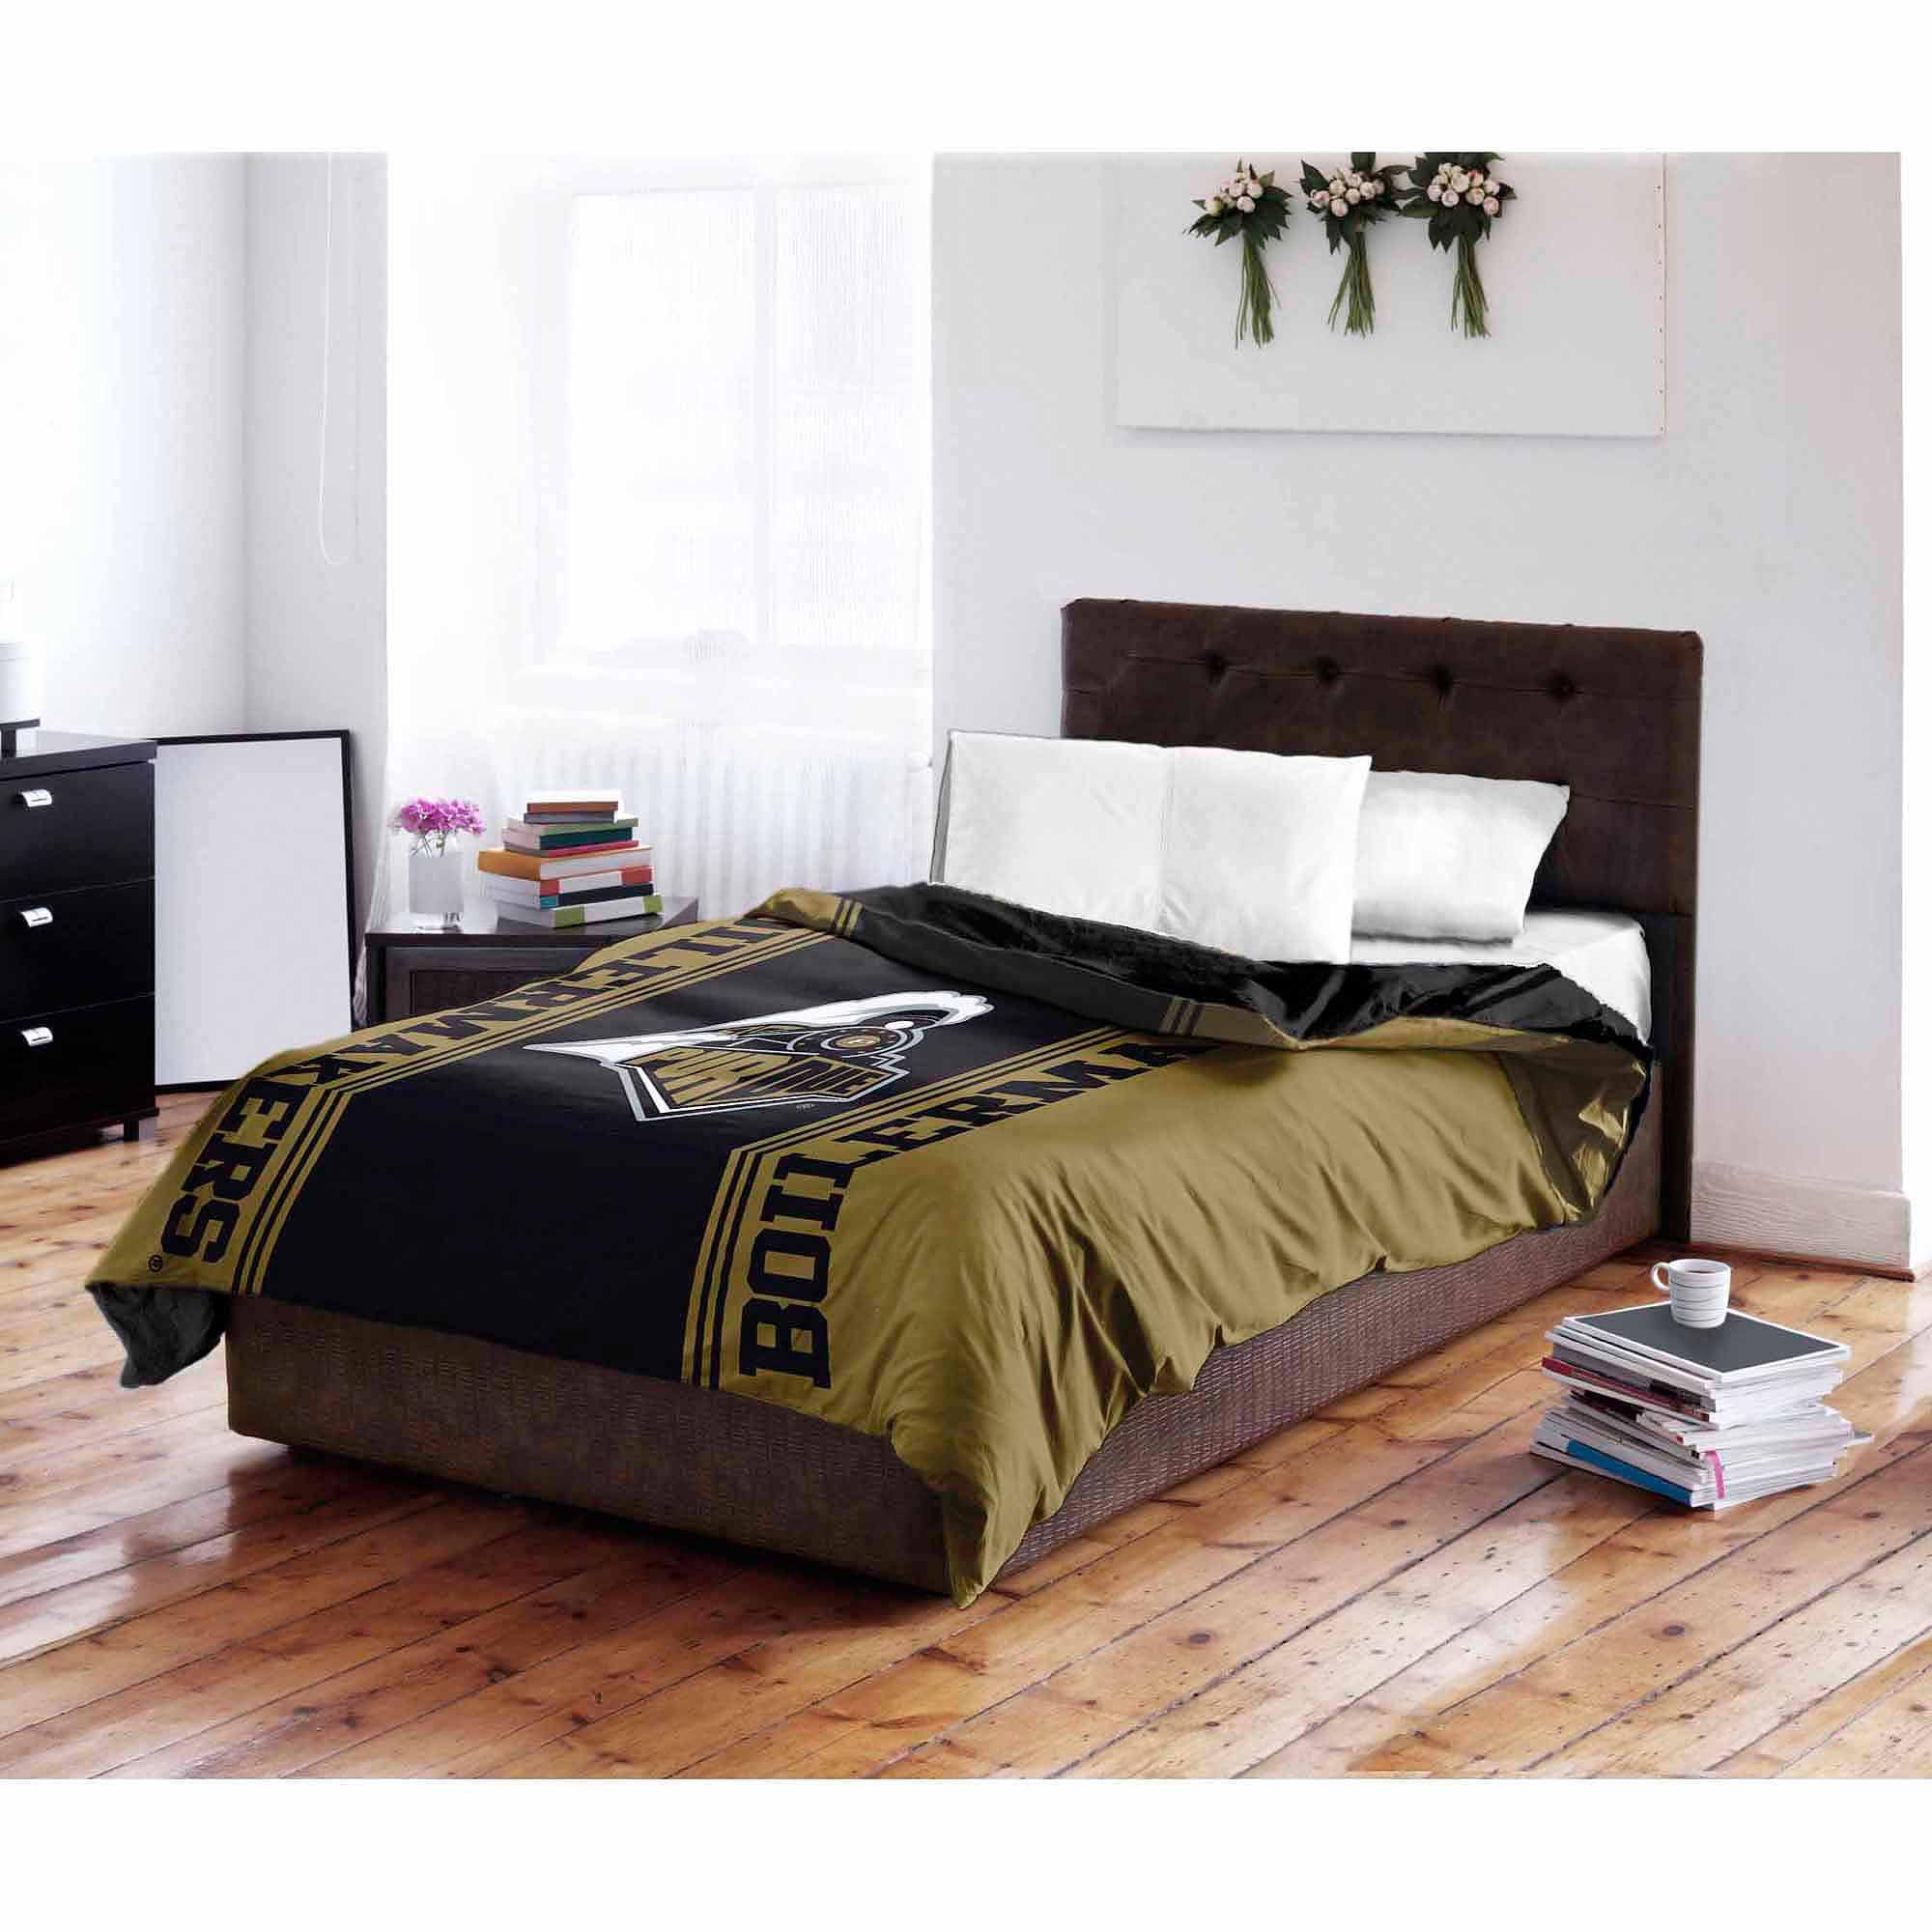 Ncaa Purdue Boilermakers Twin Full Bedding Comforter